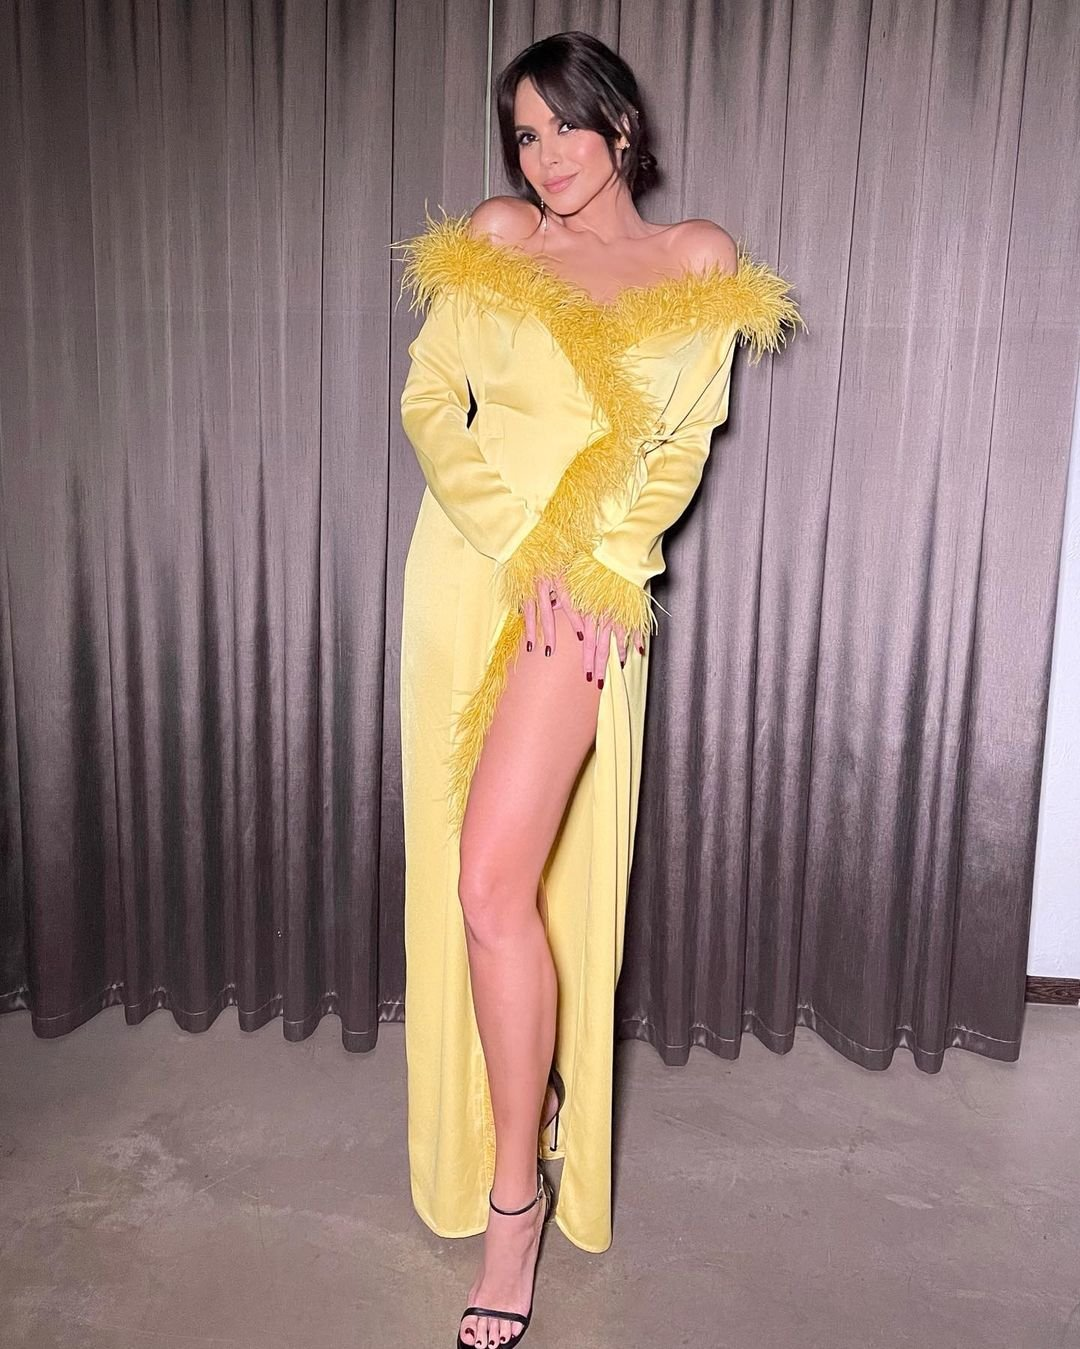 Настя Каменских предстала в ярко-жёлтом платье с разрезом на бедре